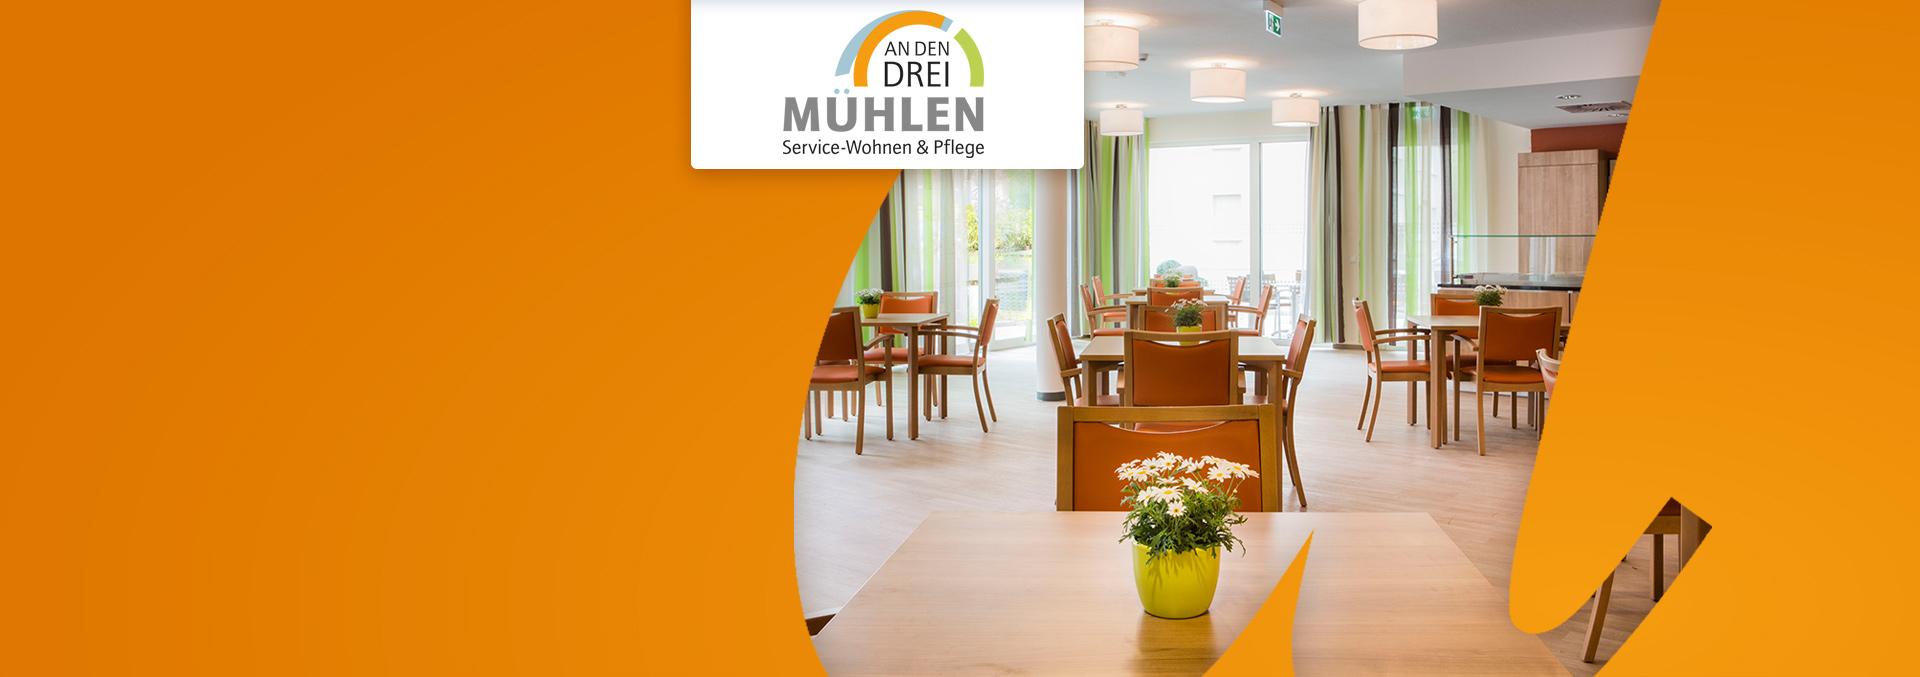 Service-Wohnen und Pflege An den drei Mühlen: Helle Cafeteria, Parkett sowie Tische und Stühle aus mittel-hellem Holz, auf den Tischen Blumenvasen.